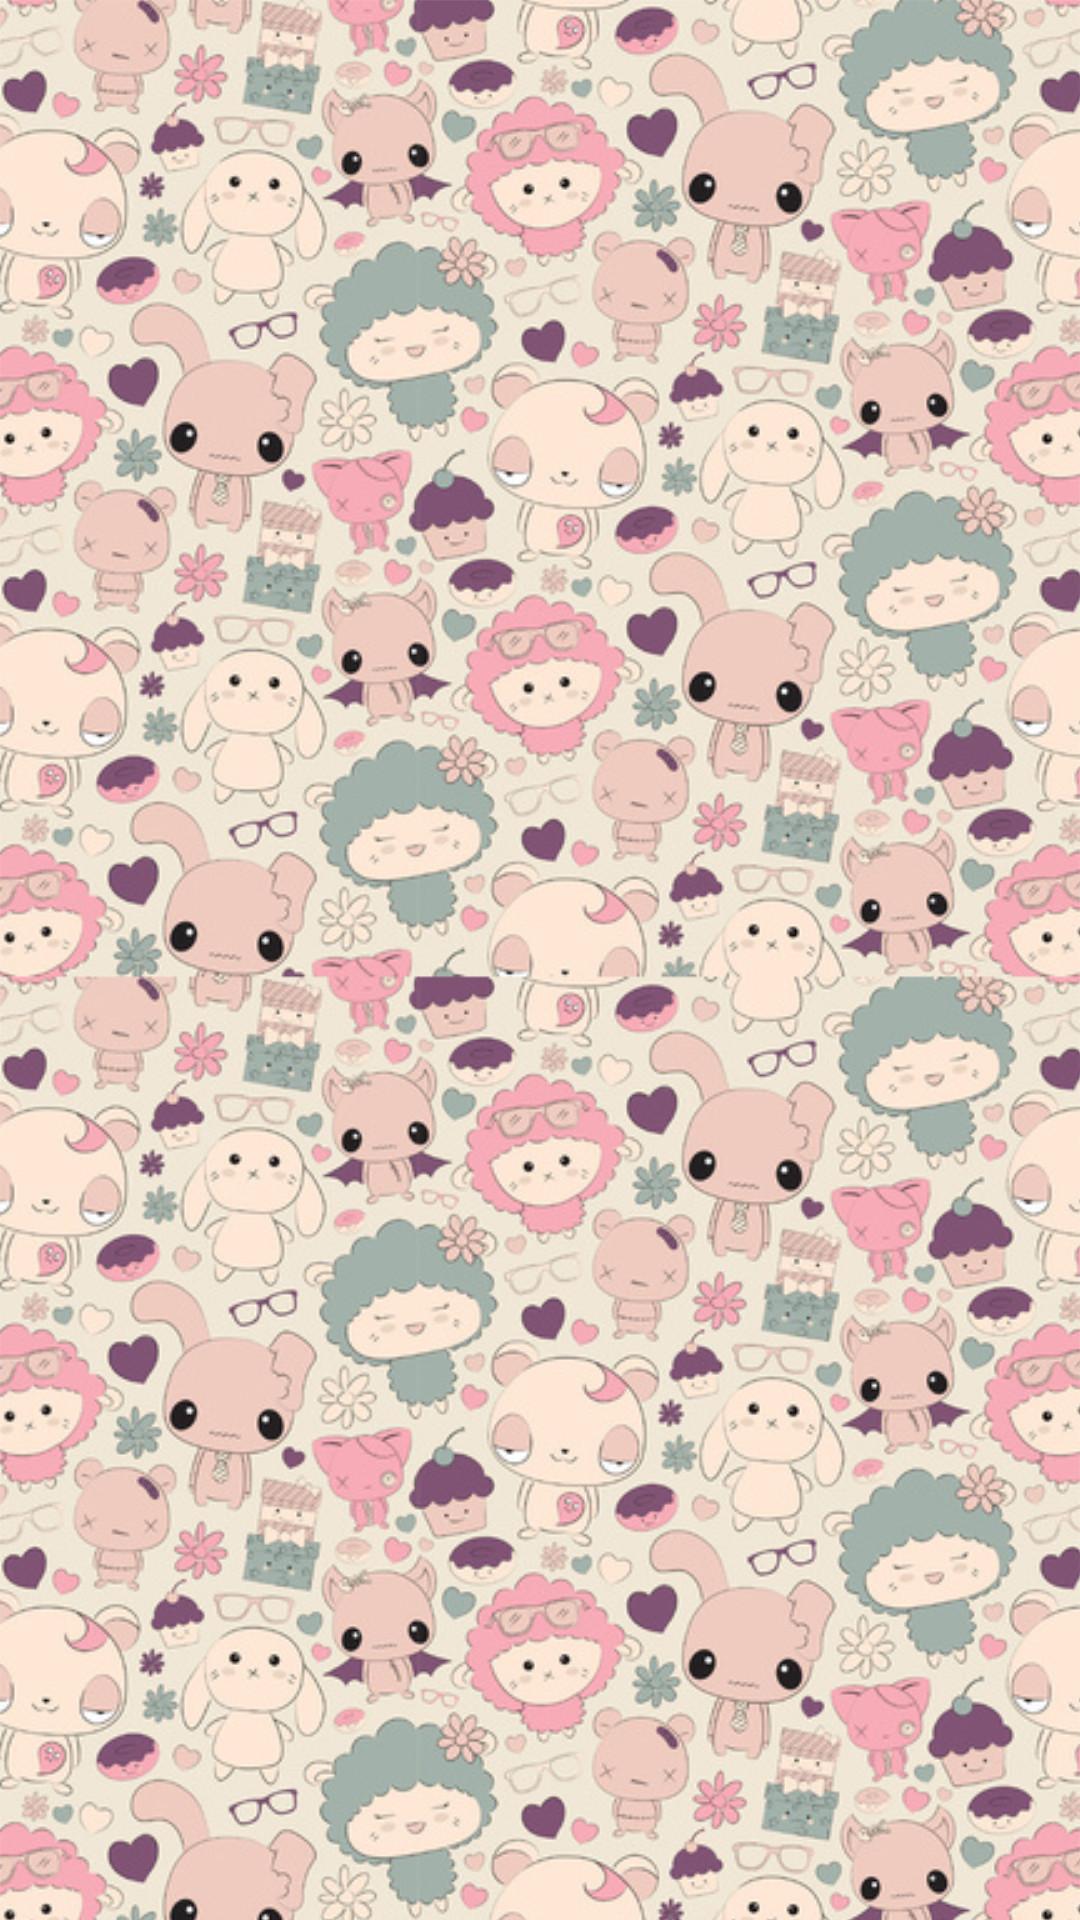 Kawaii-Pattern-Wallpapers-iphone-6-Plus-by-Blackberyy-